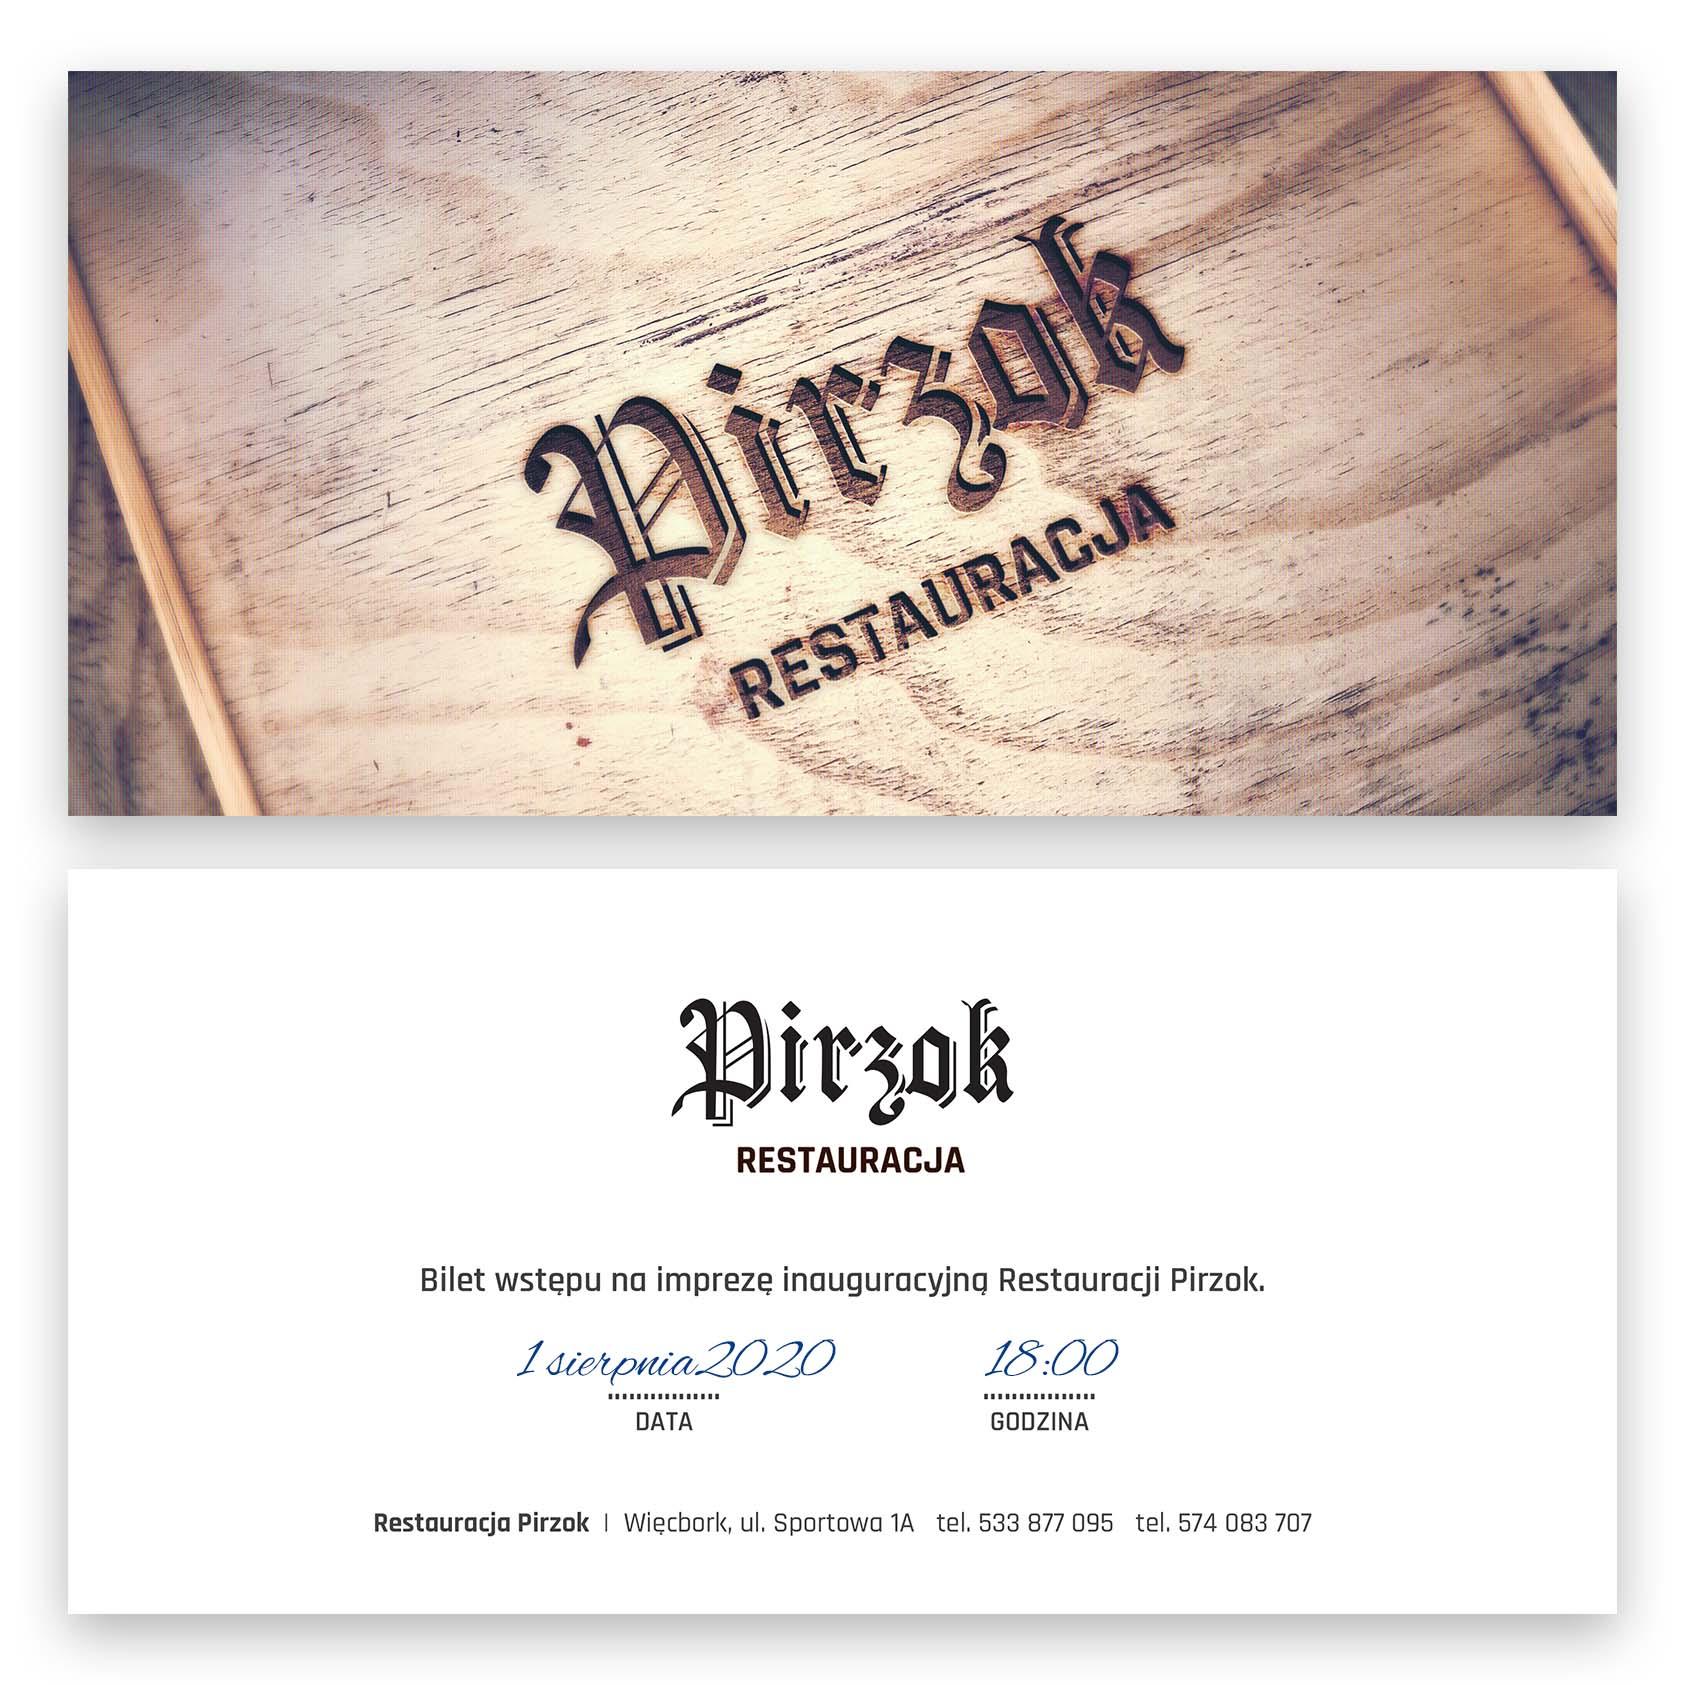 ALCStudio-agencja-marketingowa-zaproszenie-pirzok